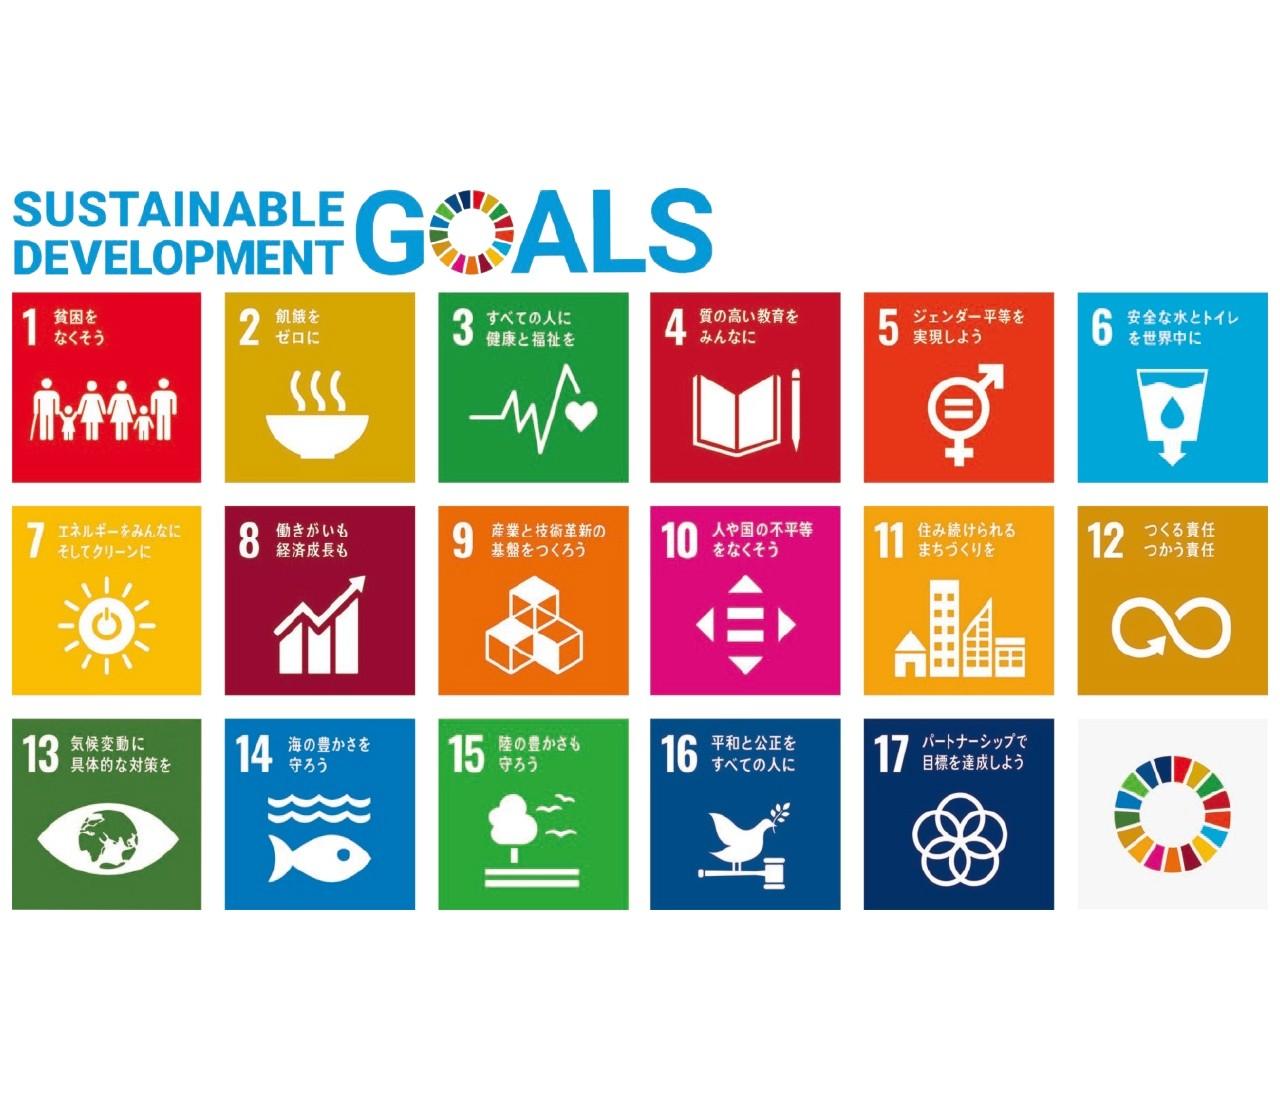 今注目の「SDGs」って?すぐできる社会貢献が誰かの力に